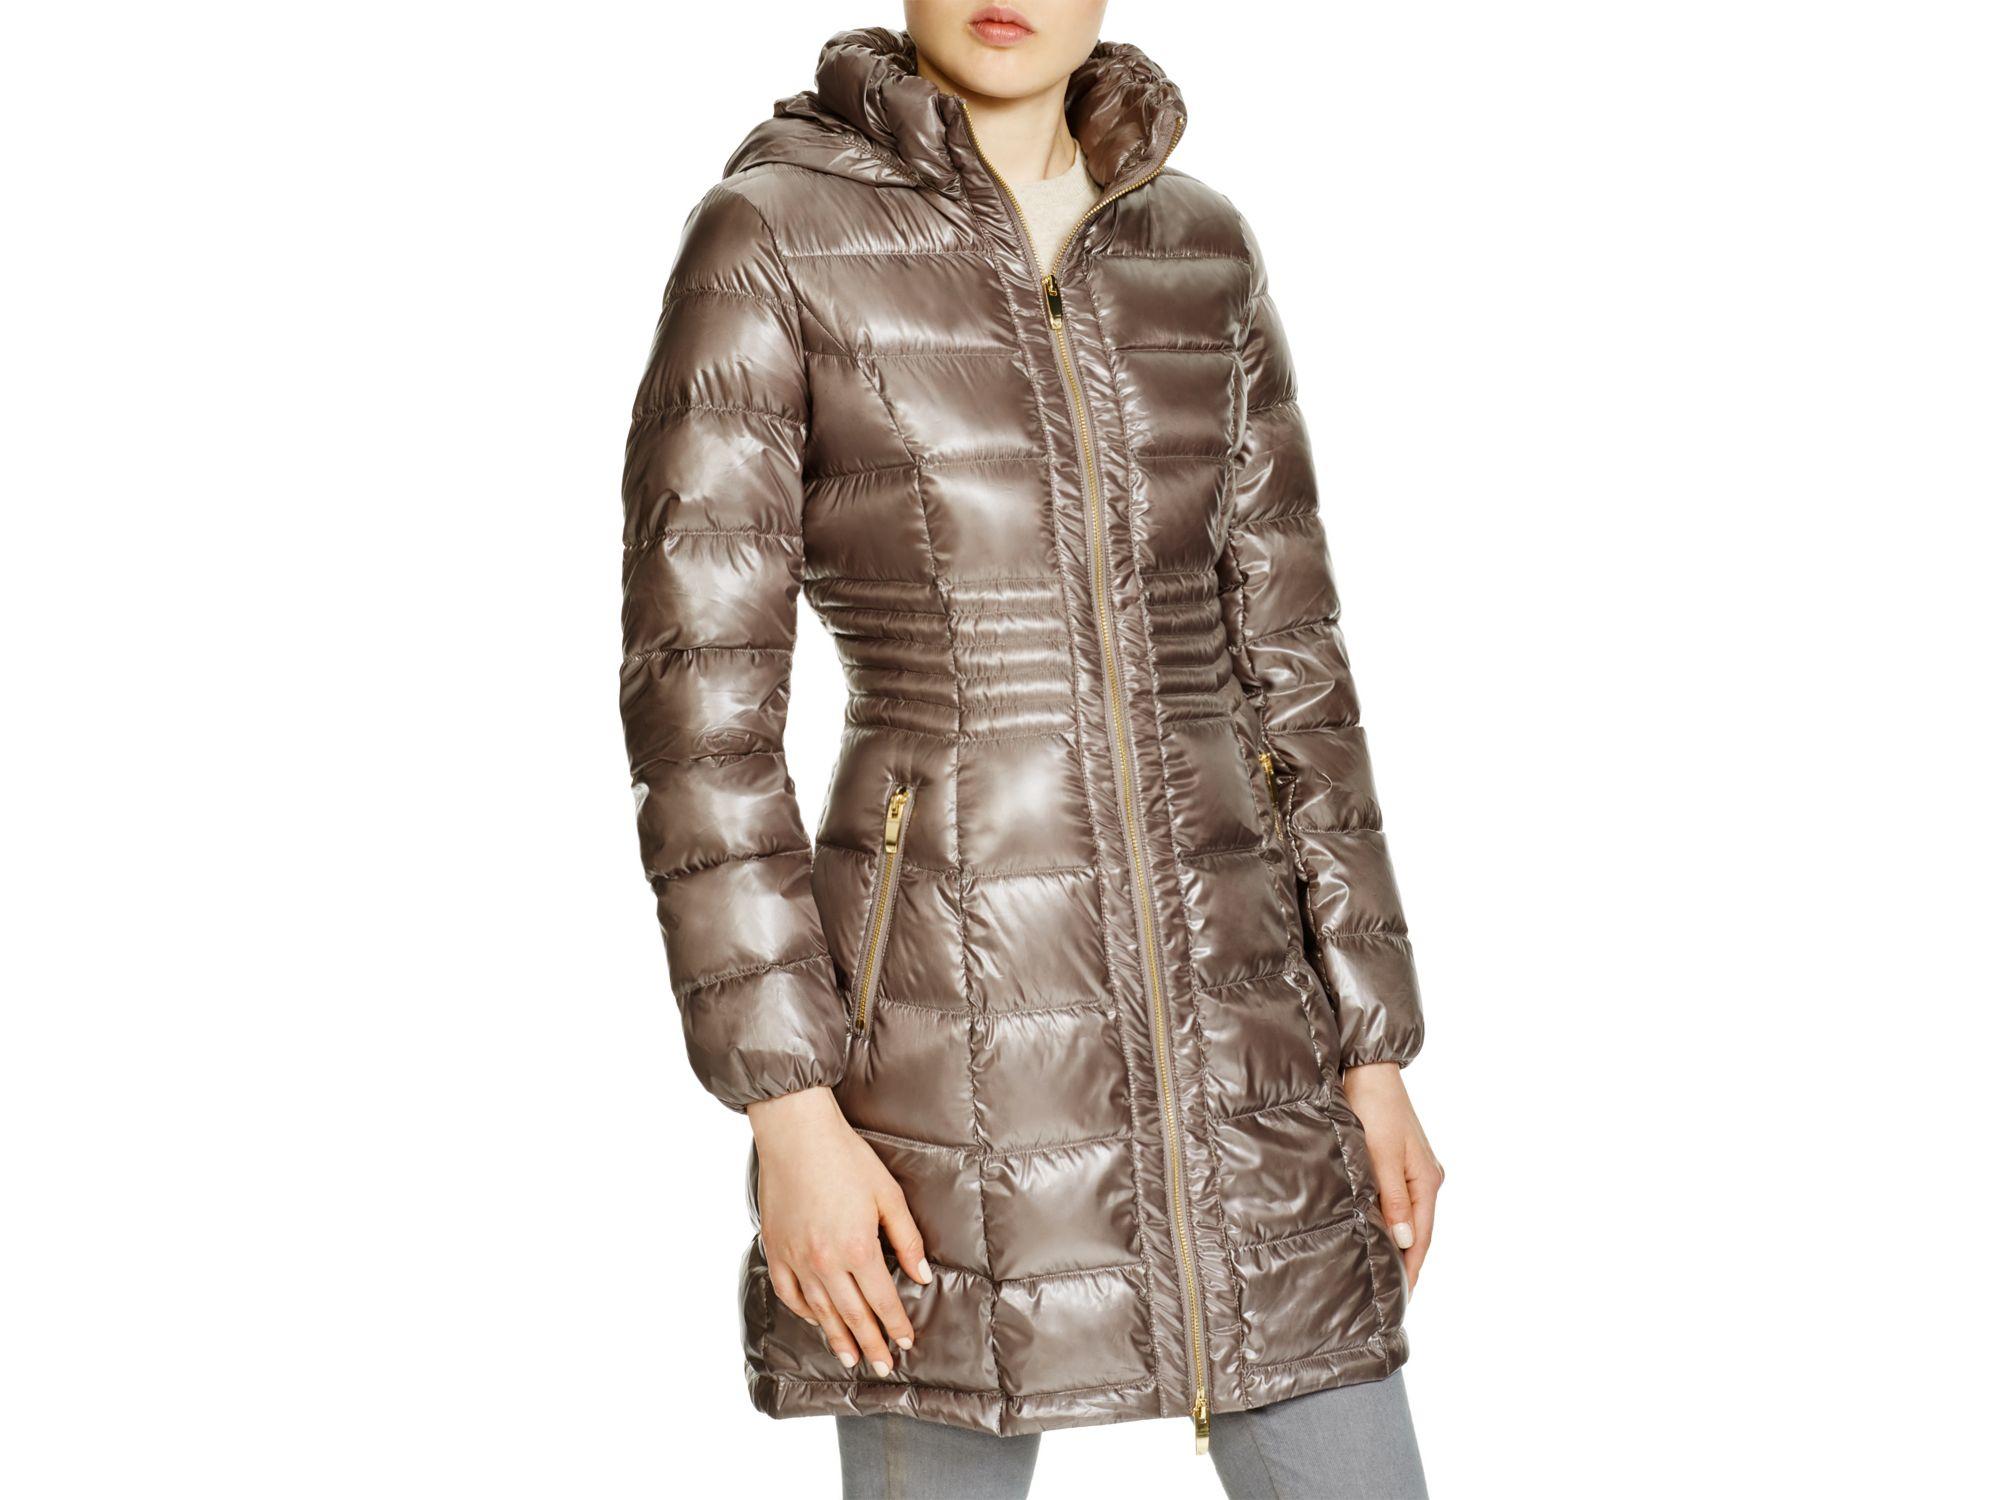 45c375da7 Via Spiga Natural Packable Down Coat